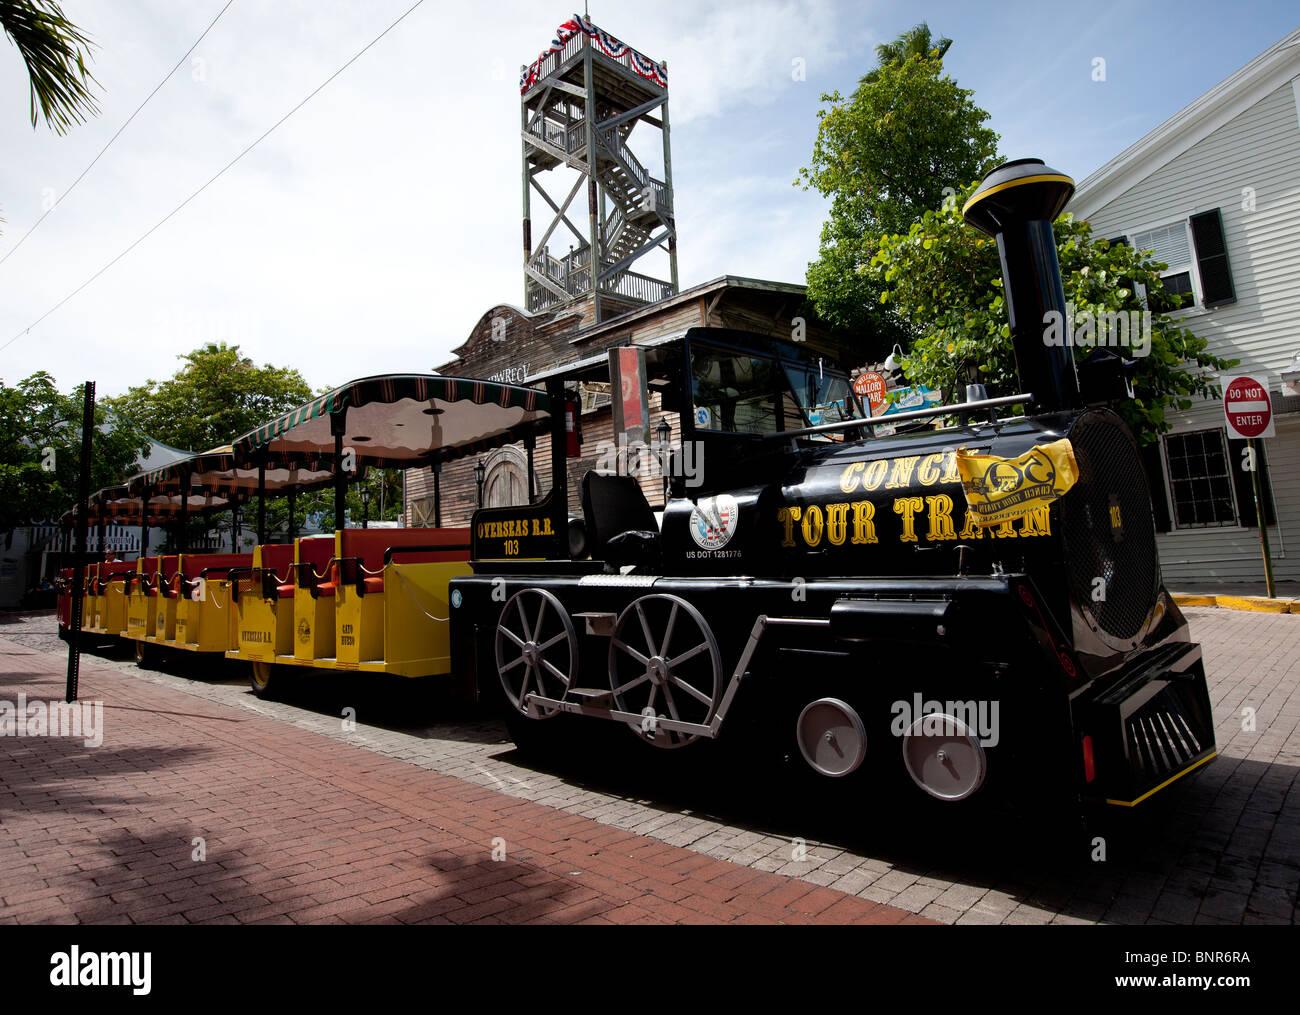 Key West Conch Tour Train viaja alrededor de la ciudad de Key West con turistas a bordo para ver las atracciones. Foto de stock